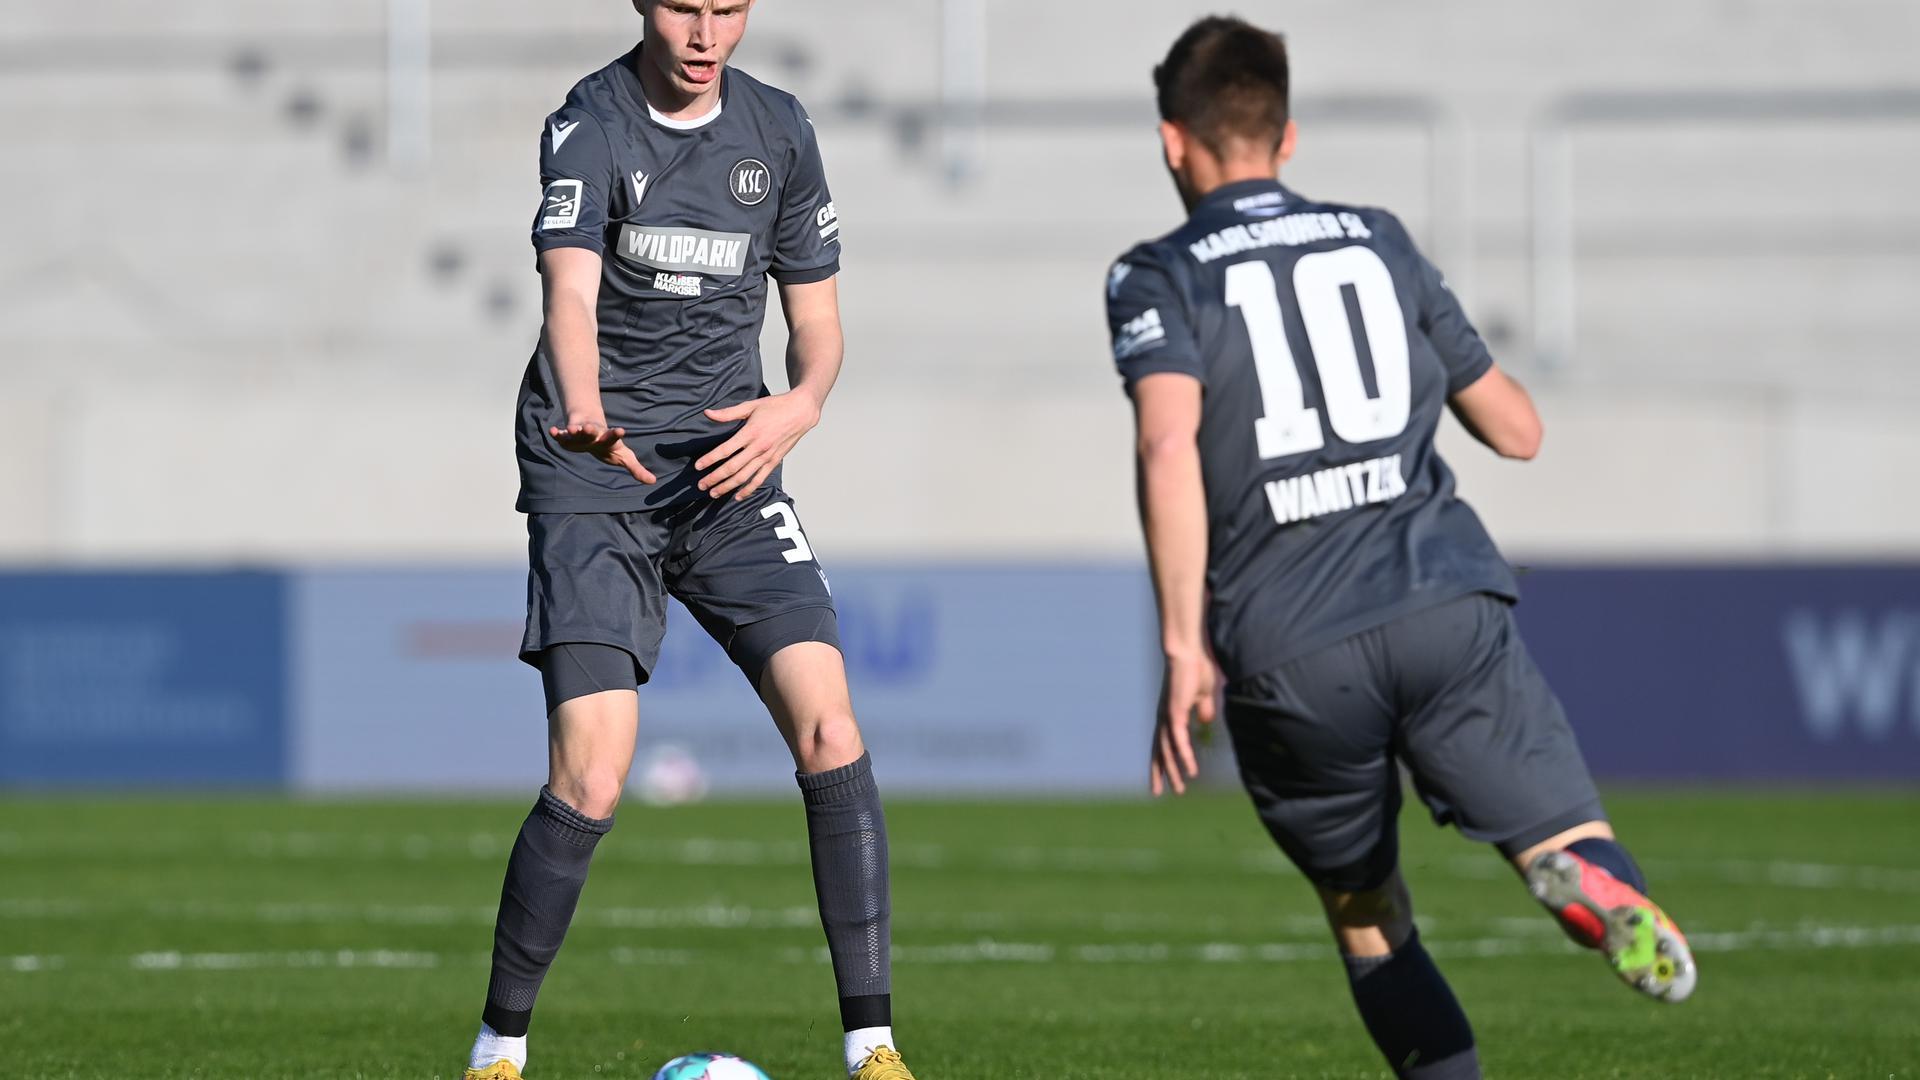 Nachwuchs und Routine: KSC-Junior Tim Breithaupt (links) überlässt in der Partie gegen die Würzburger Kickers seinem Mitspieler Marvin Wanitzek den Ball.